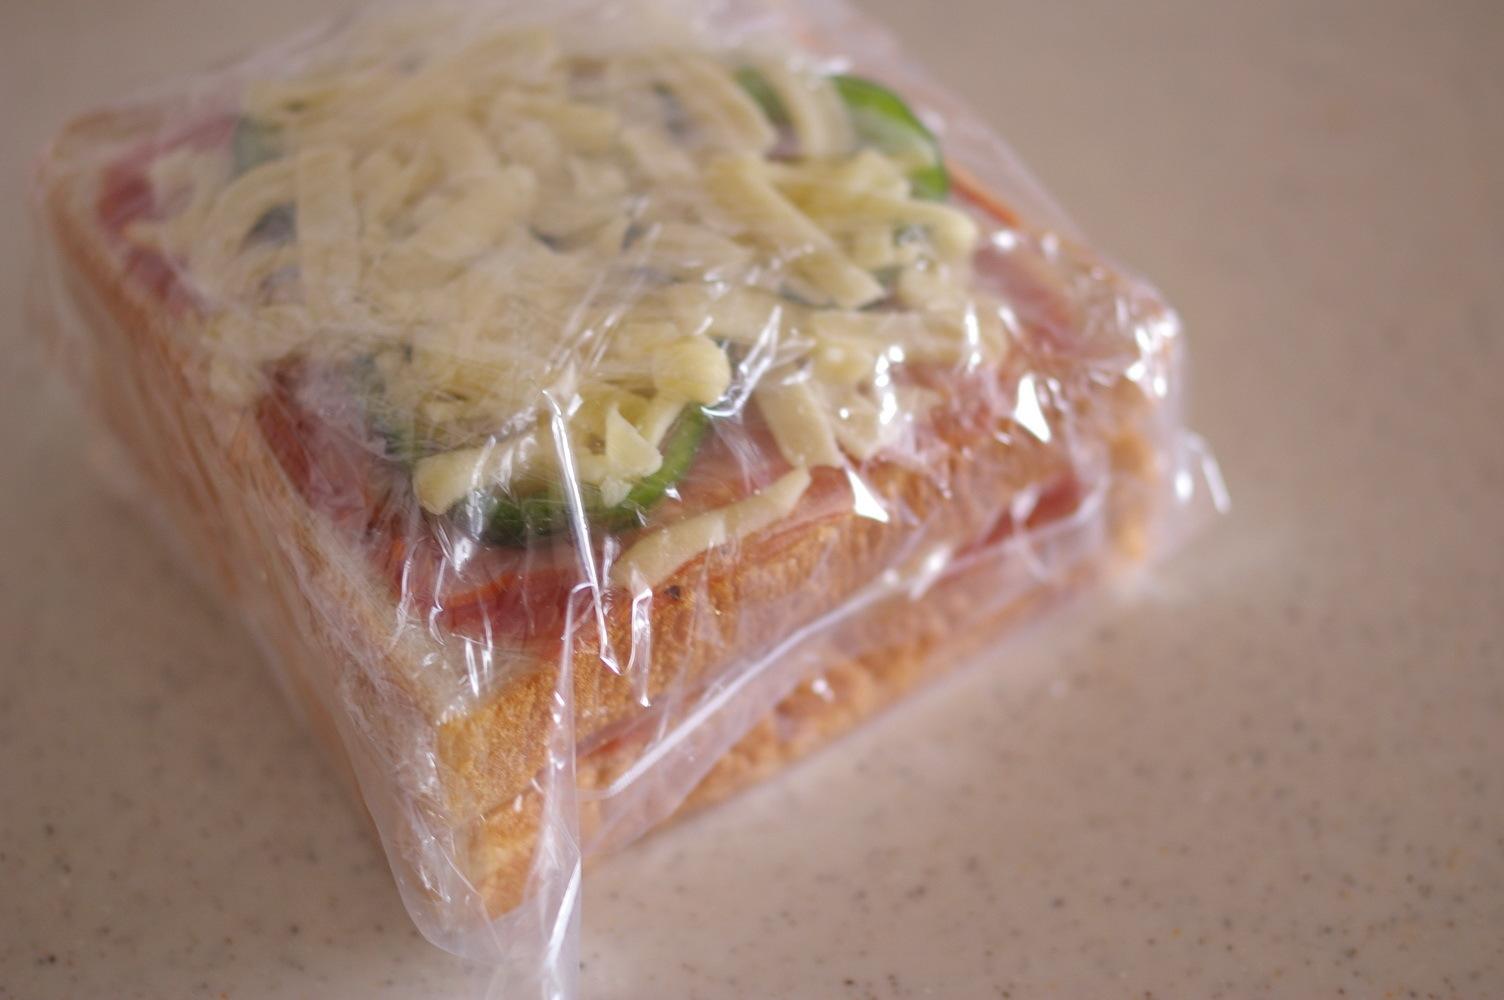 基本の冷凍ピザパン【レシピ】_d0327373_17440166.jpg